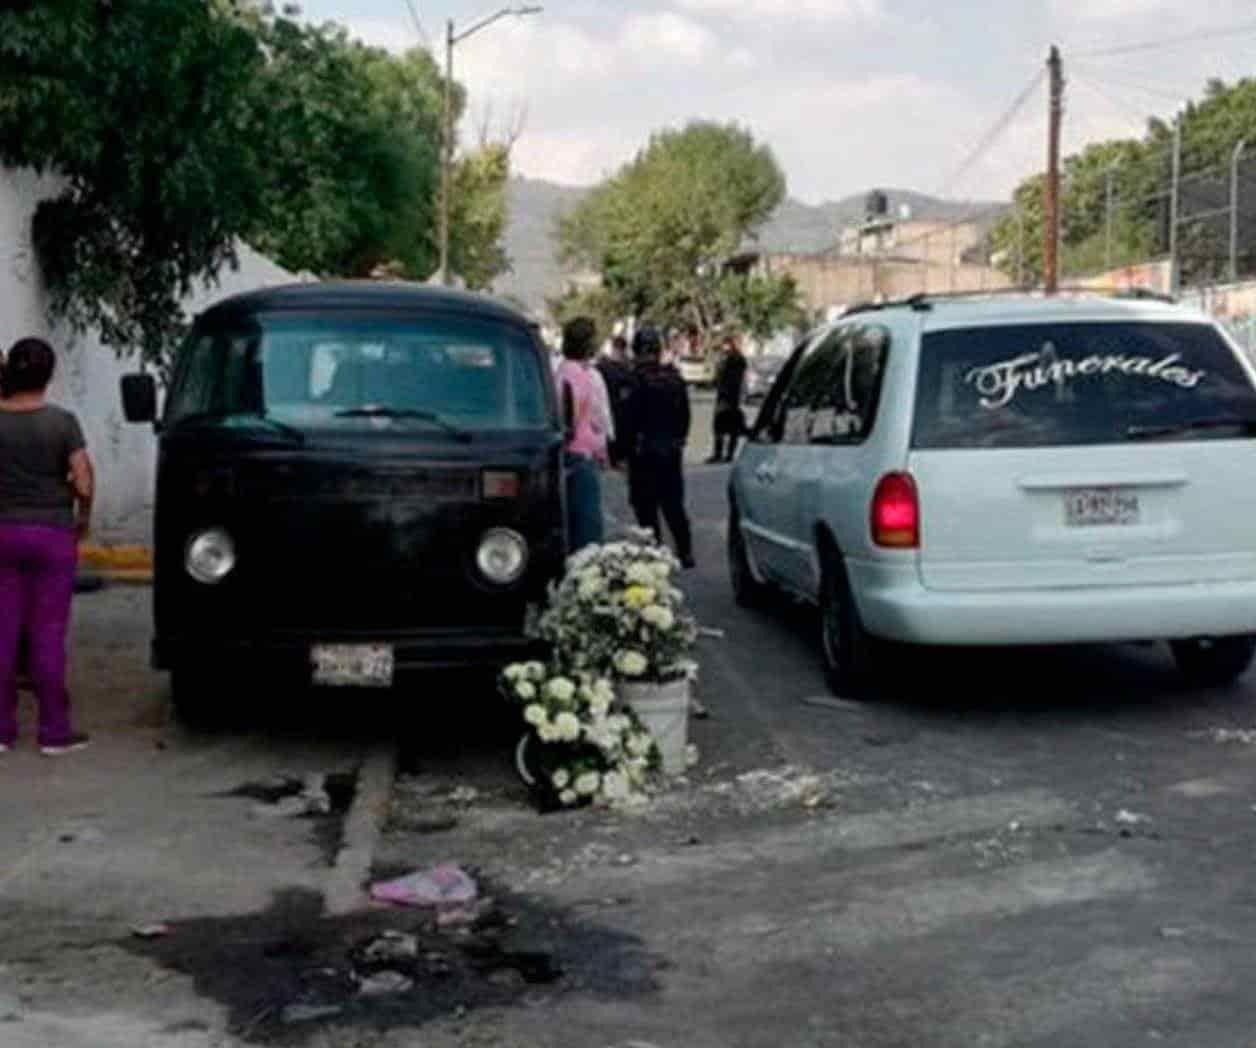 Un comando armado llega a un funeral y mata a la madre del difunto